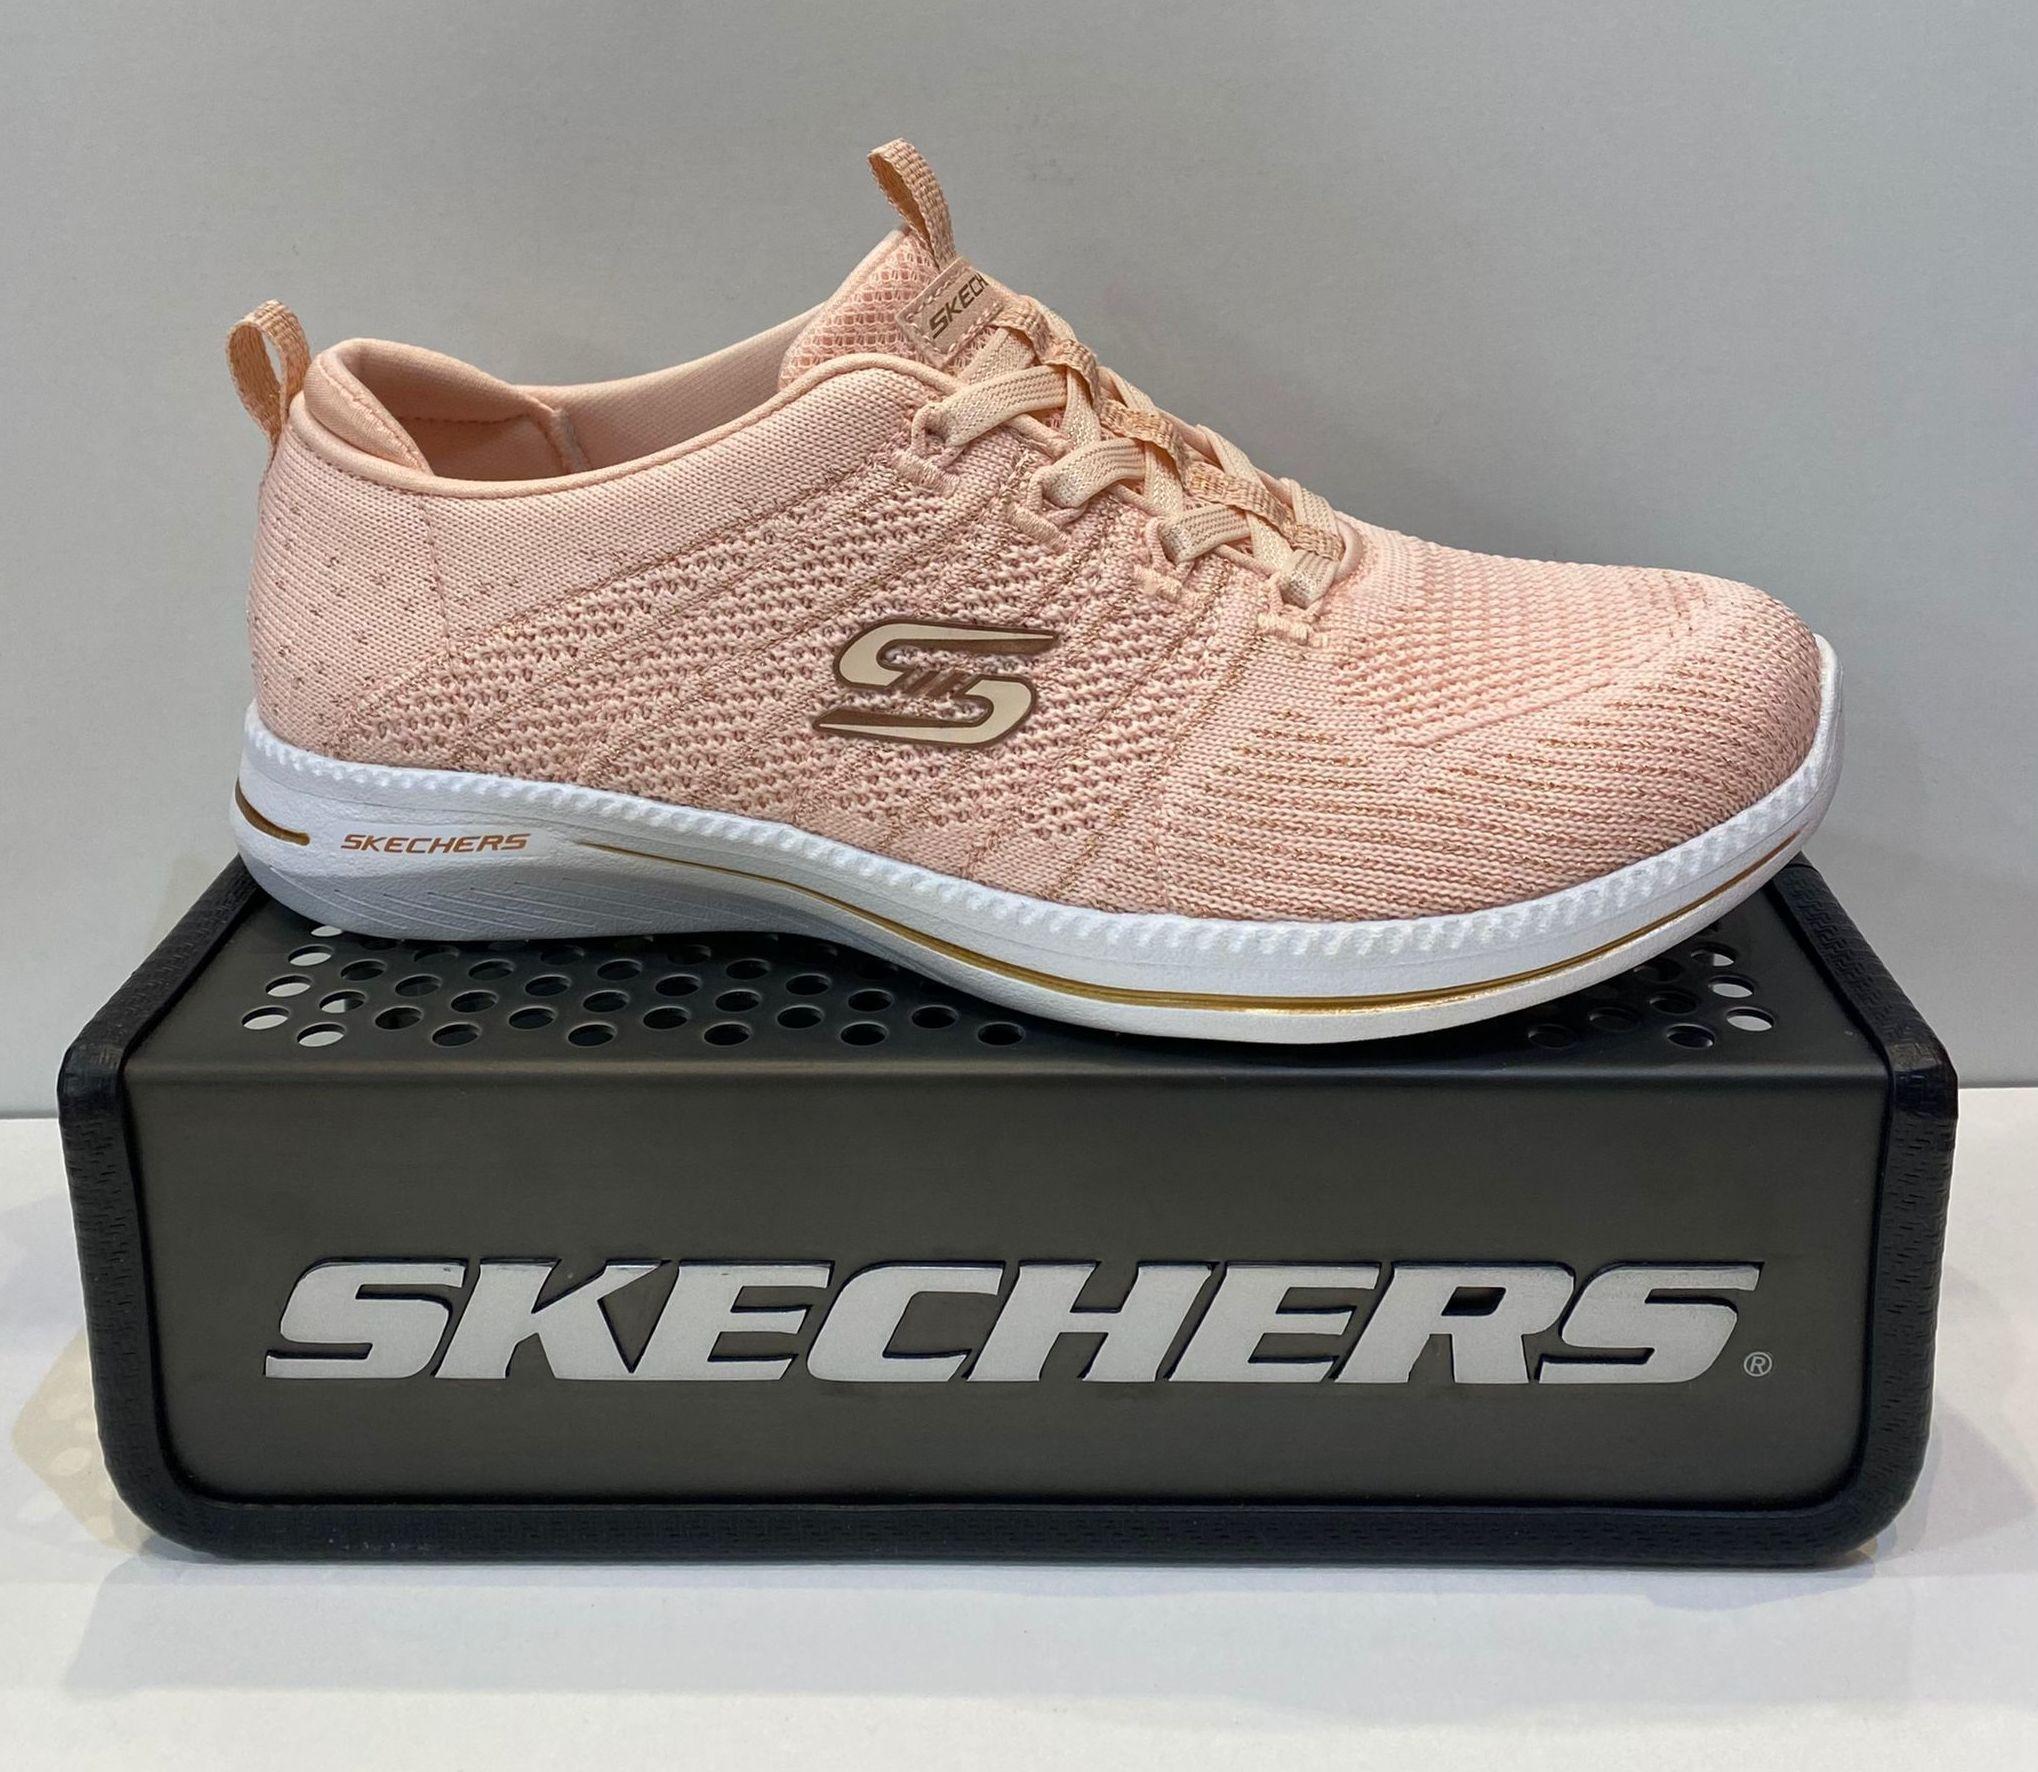 Sabata esportiva de dona, de la marca Skechers, amb cordons elàstics, plantilla Air-Cooled Memory Foam, adaptable a plantilles ortopèdiques, amb sola de resalite 74€